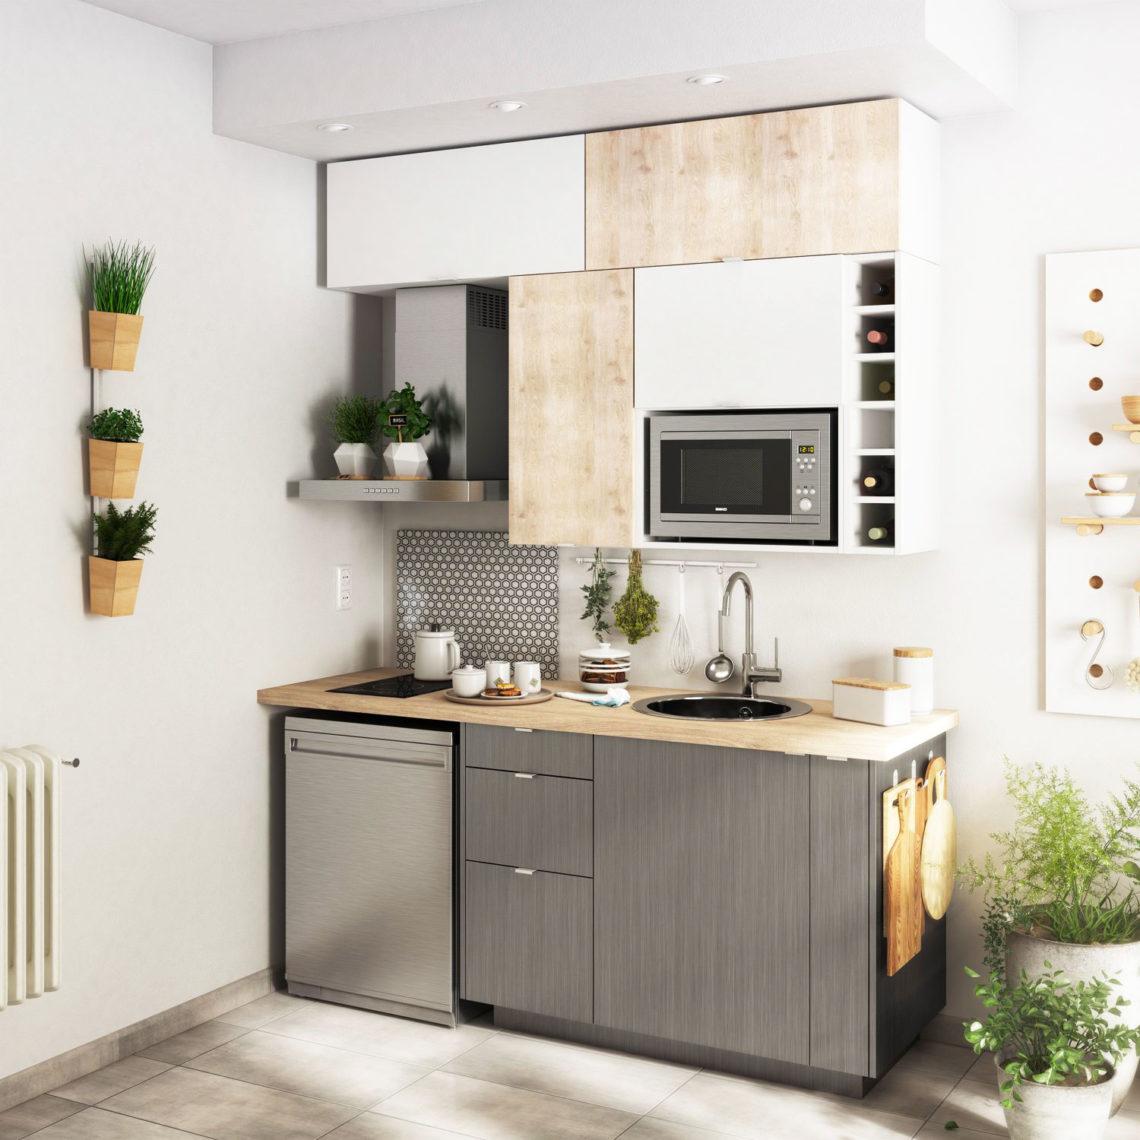 Cuisine Ikea, Leroy Merlin ou Brico Dépôt : le comparatif complet pour investisseurs immobiliers rentables